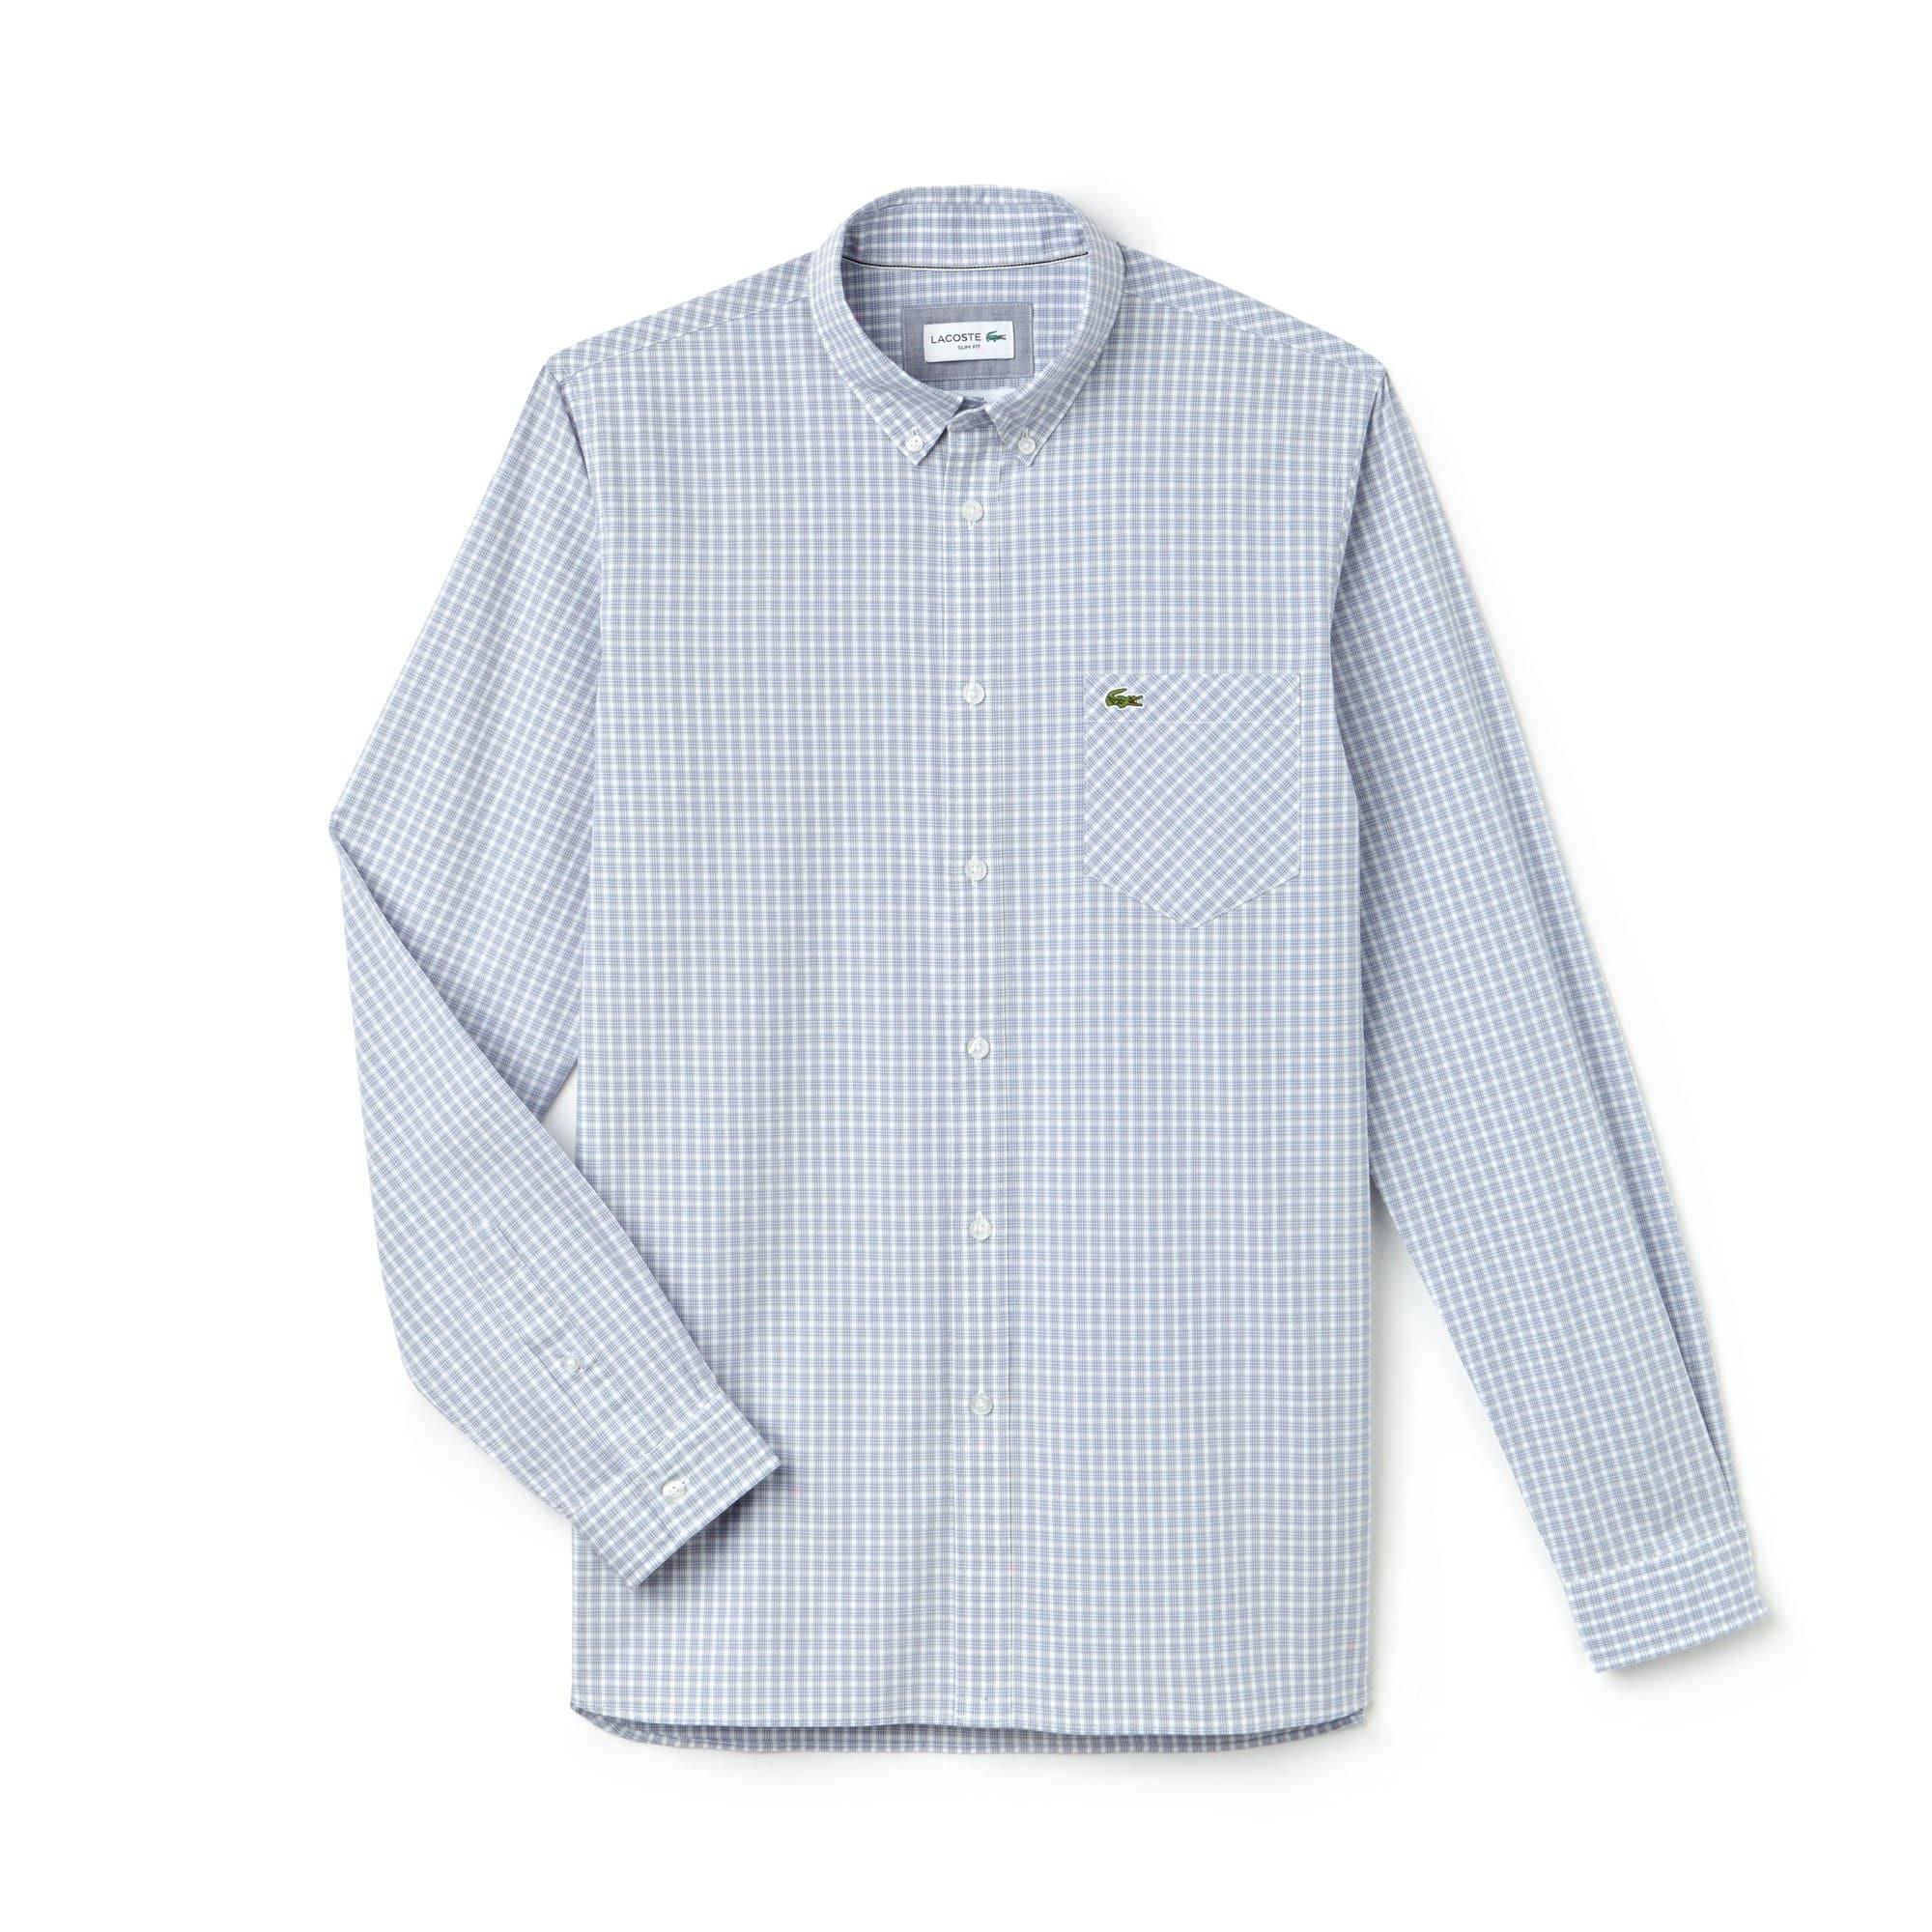 Camisa slim fit em popelina de algodão stretch aos quadrados bicolores